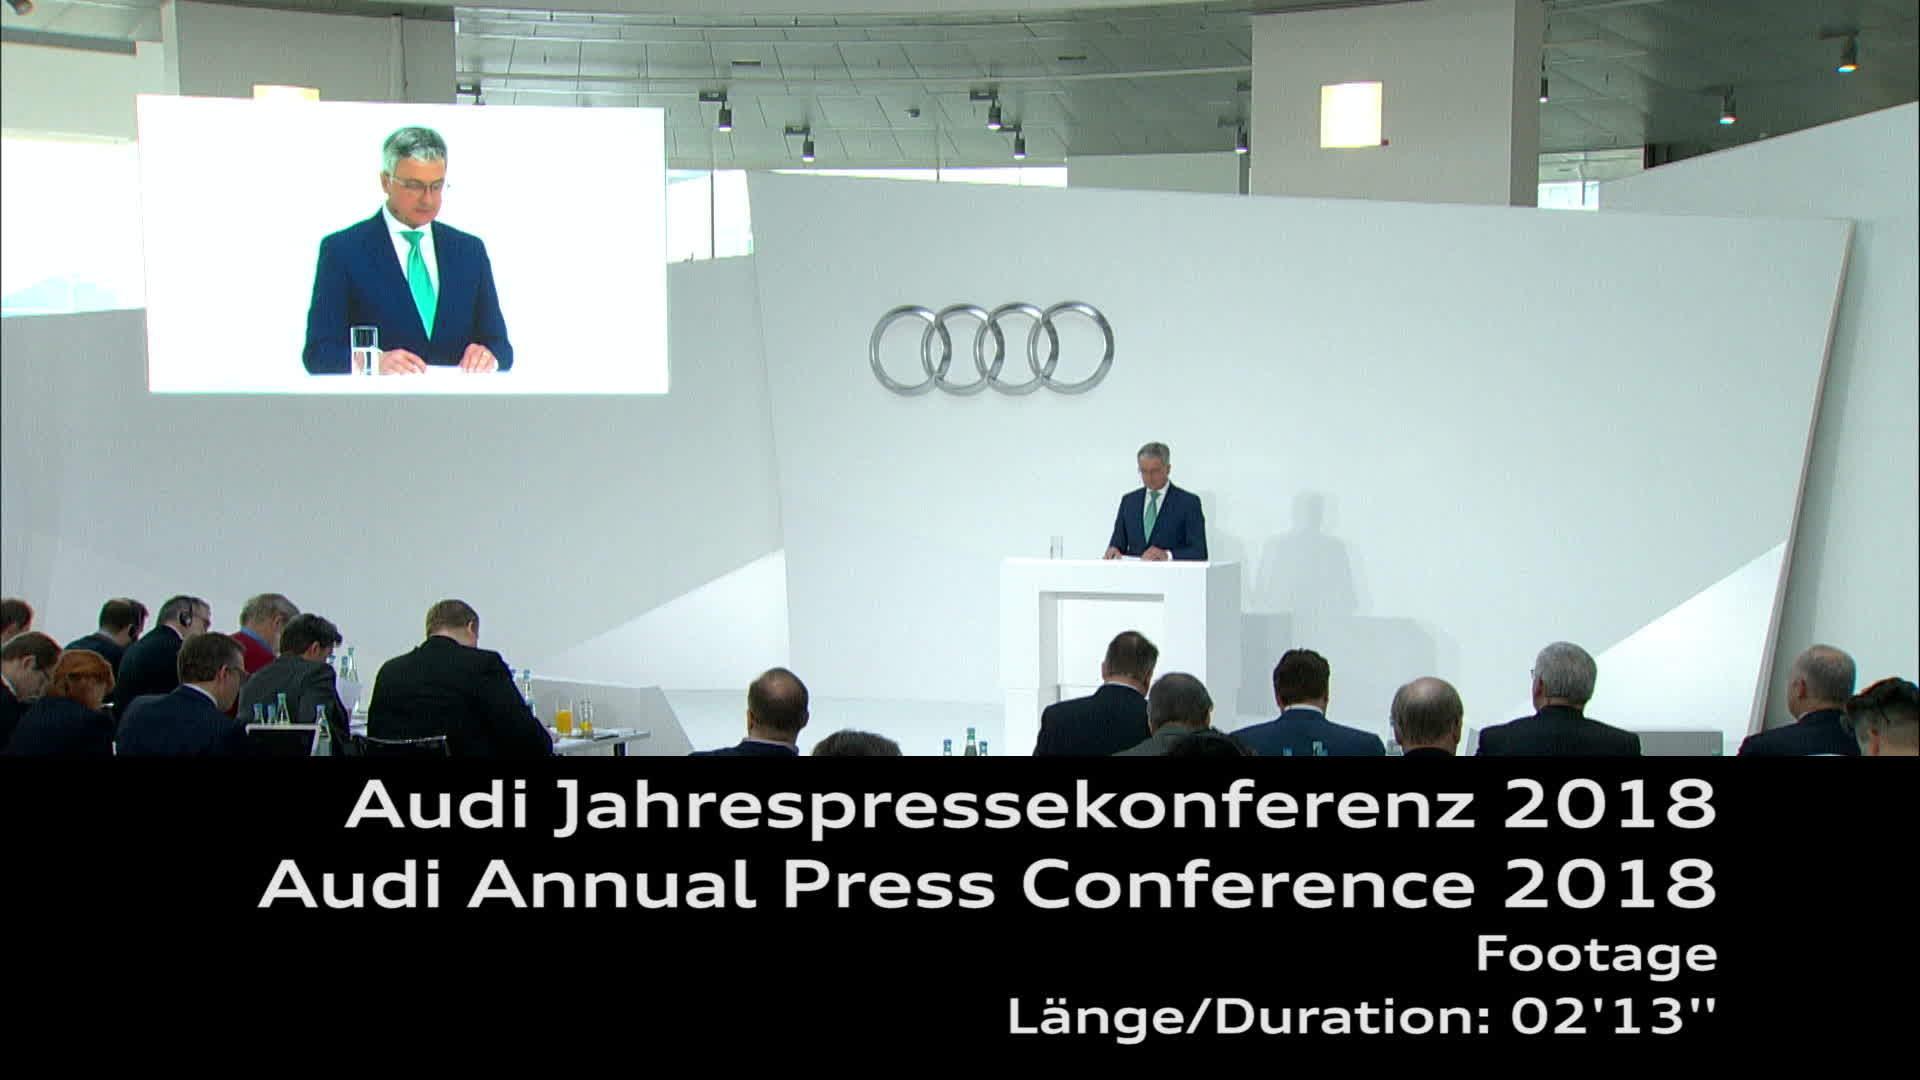 Audi Jahrespressekonferenz 2018 Footage